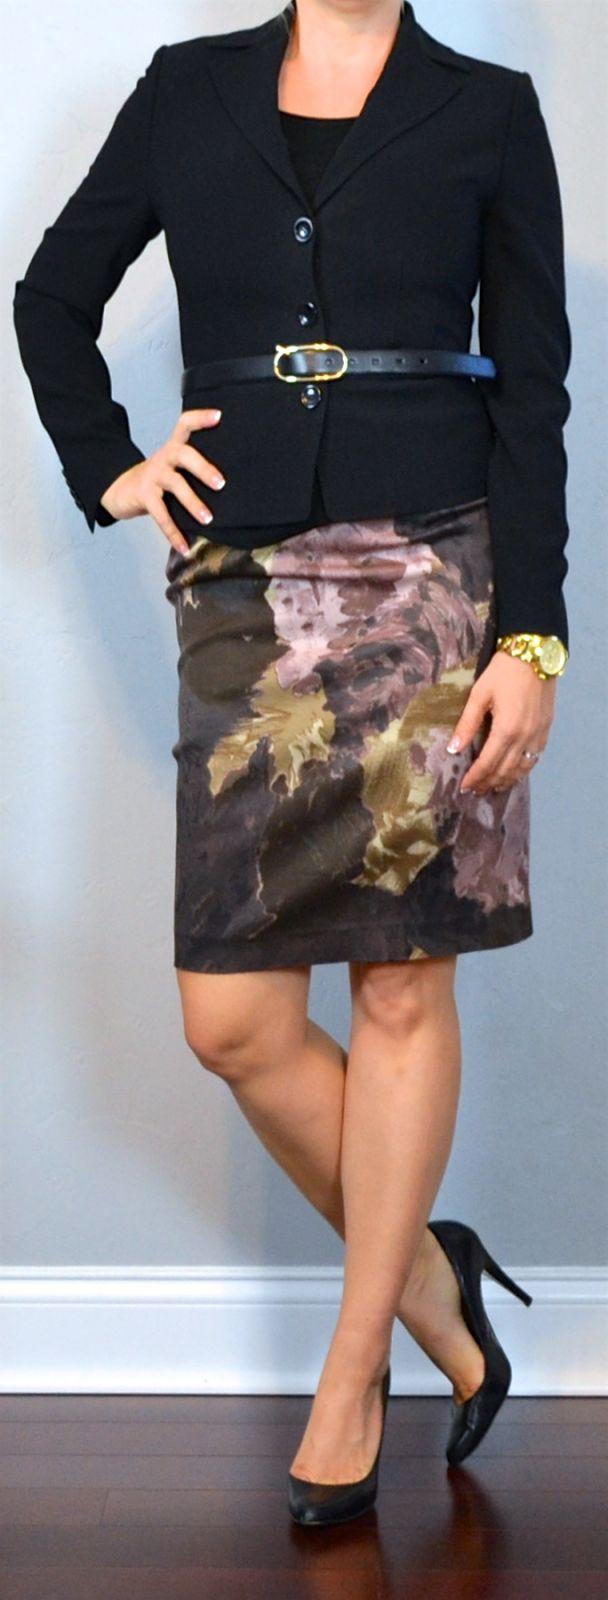 Outfit Posts: outfit post: black blazer, purple floral pencil skirt, black pumps